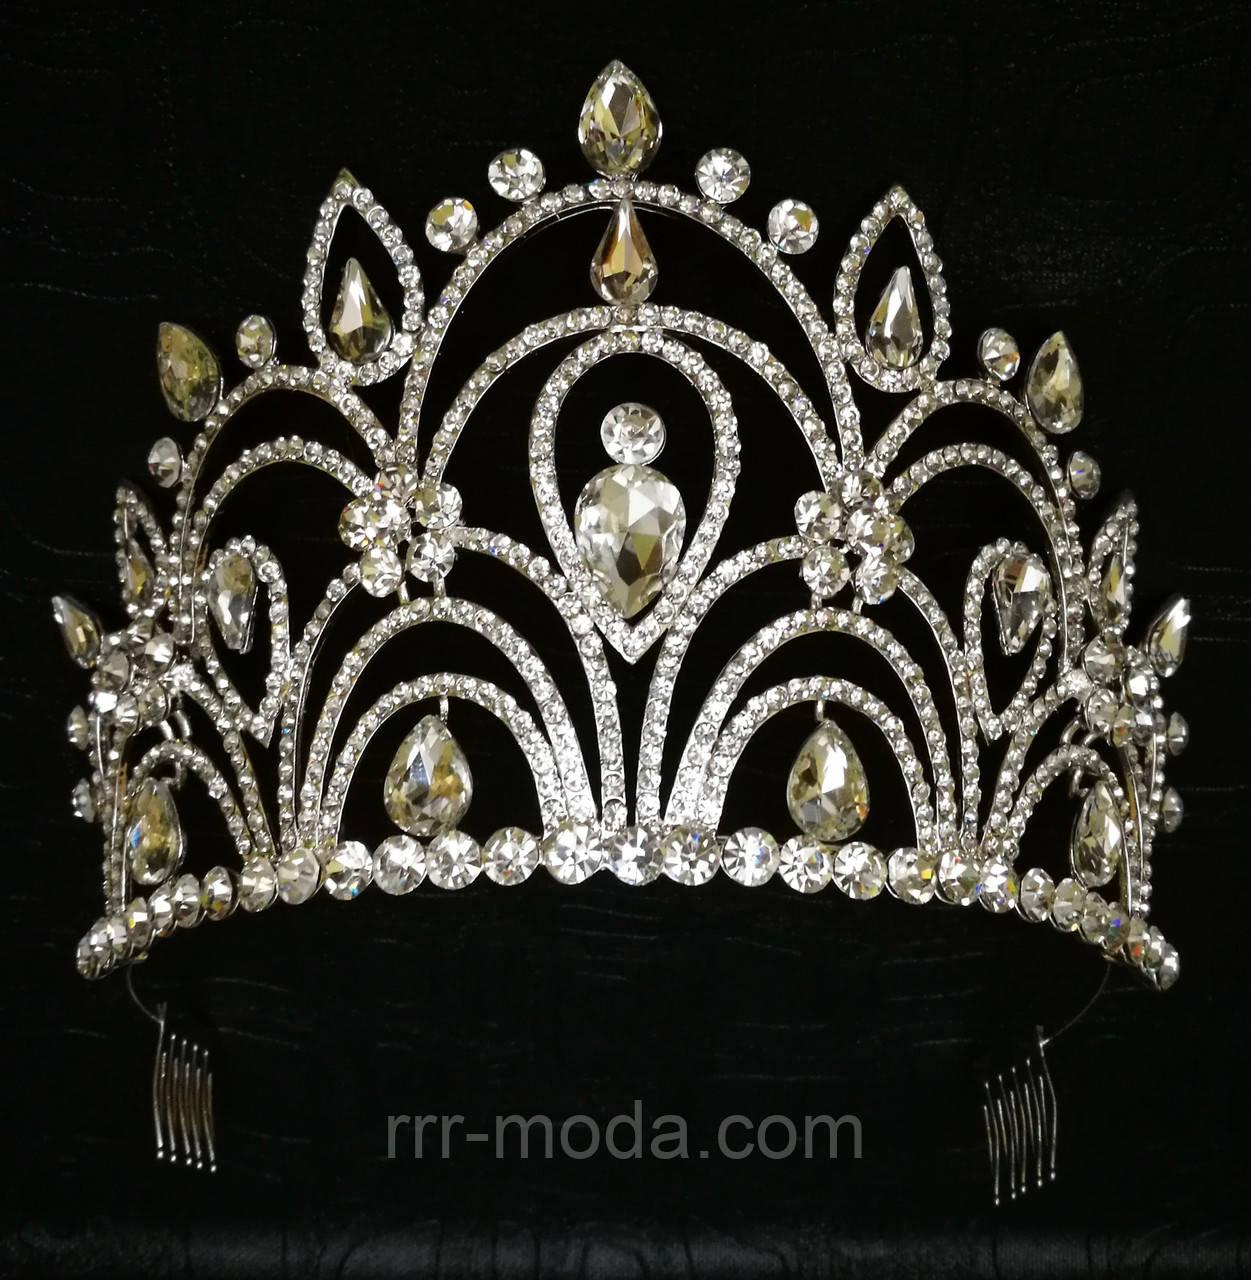 Эксклюзивные свадебные короны. Необычная высокая корона 10 см из страз и кристаллов 166